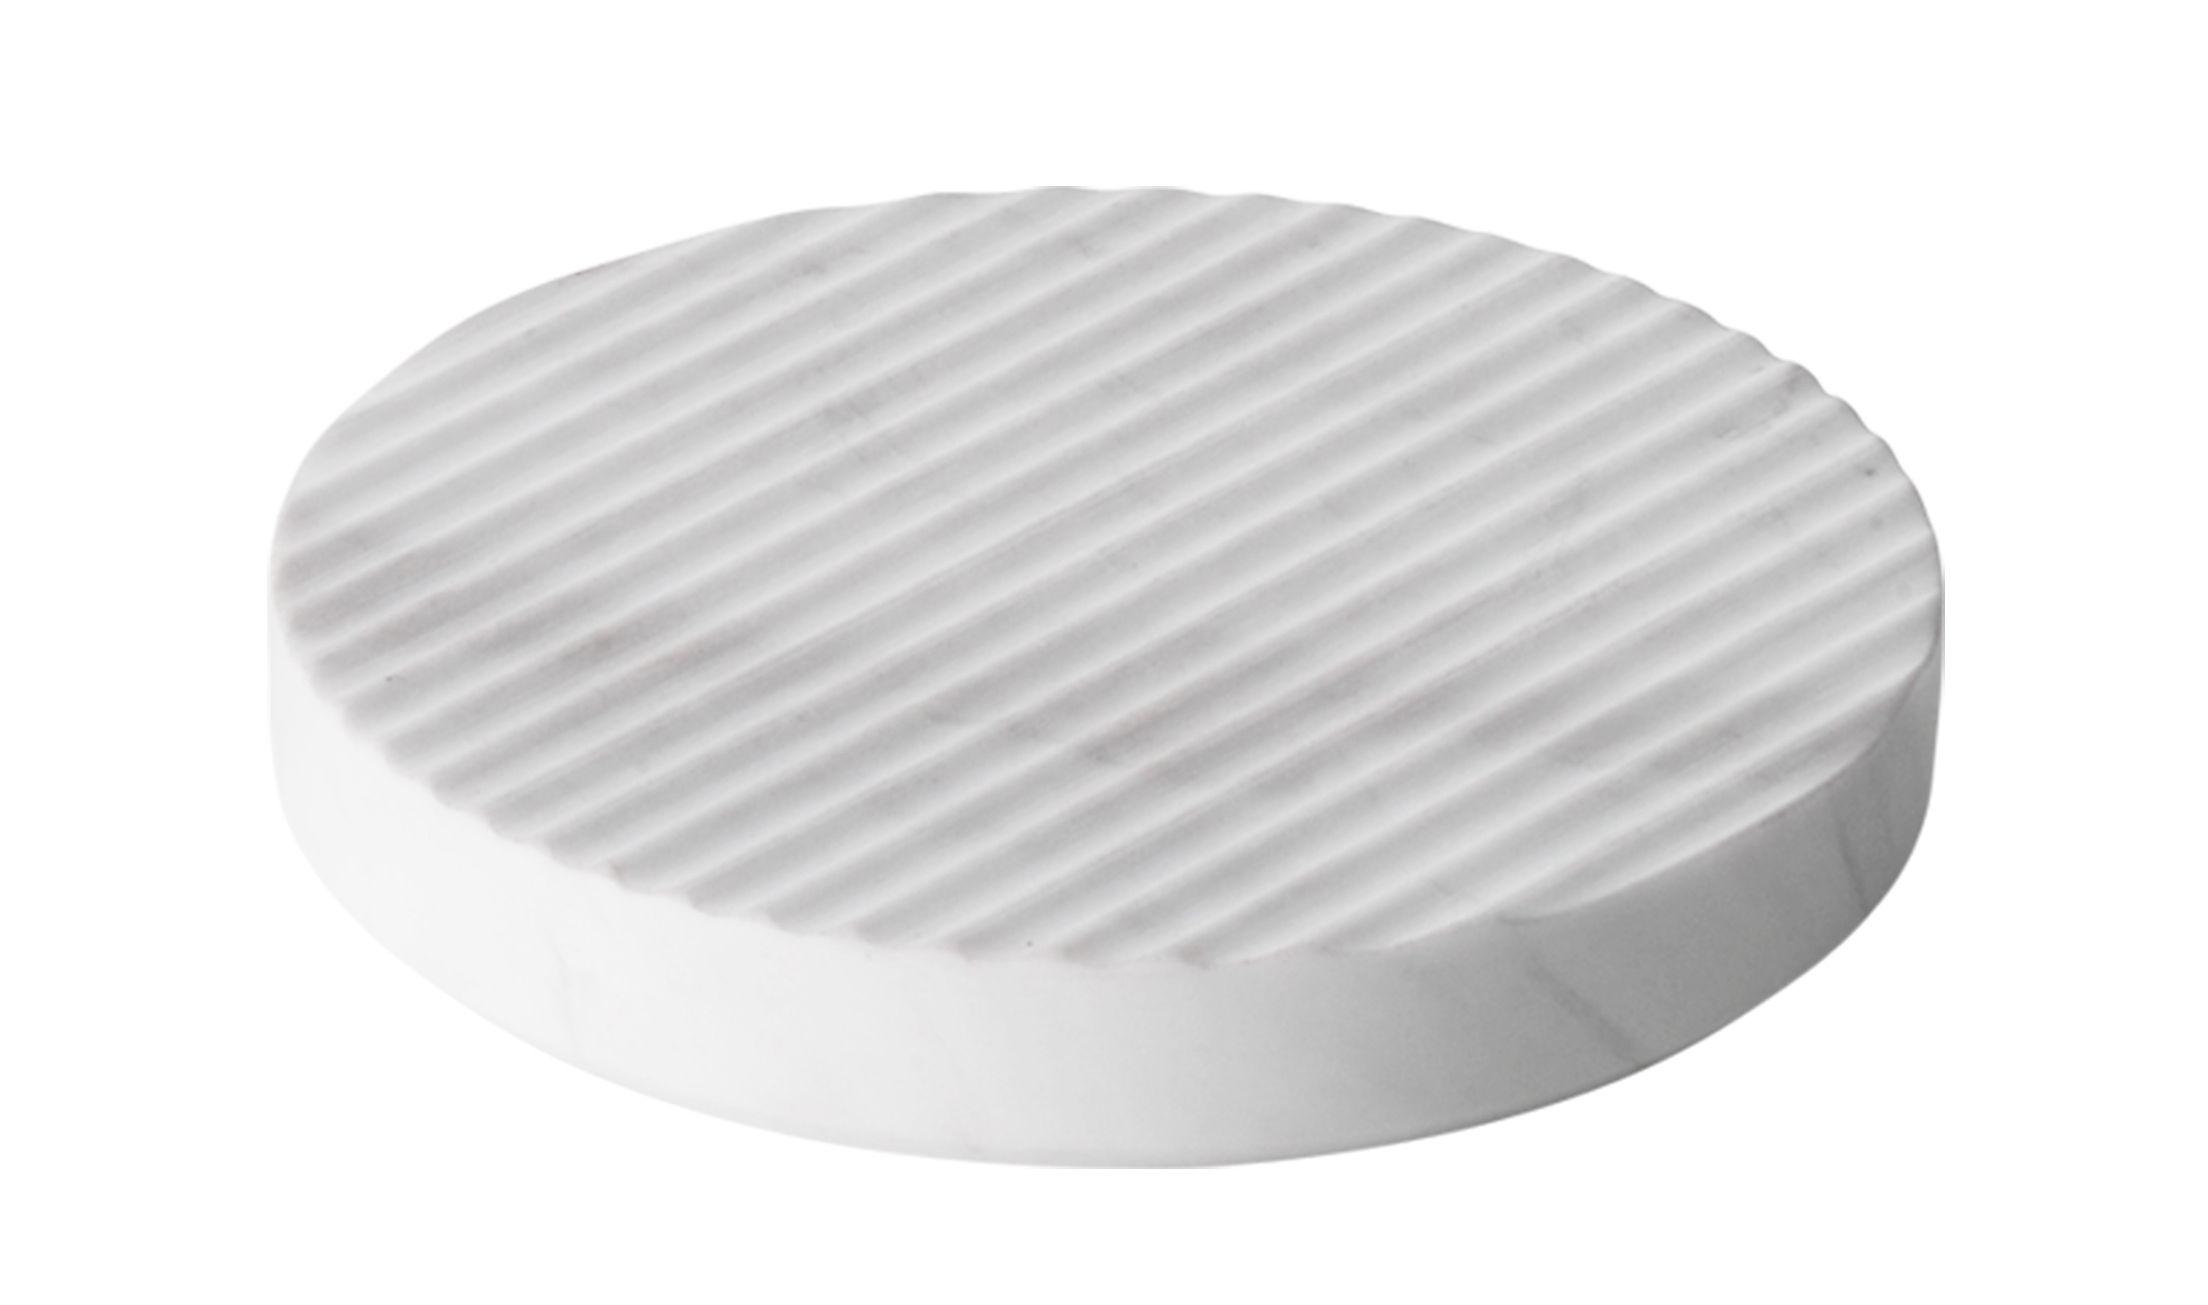 Tischkultur - Topfuntersetzer - Groove Topfuntersetzer / klein Ø 16 cm  - Marmor - Muuto - Weiß - Marmor